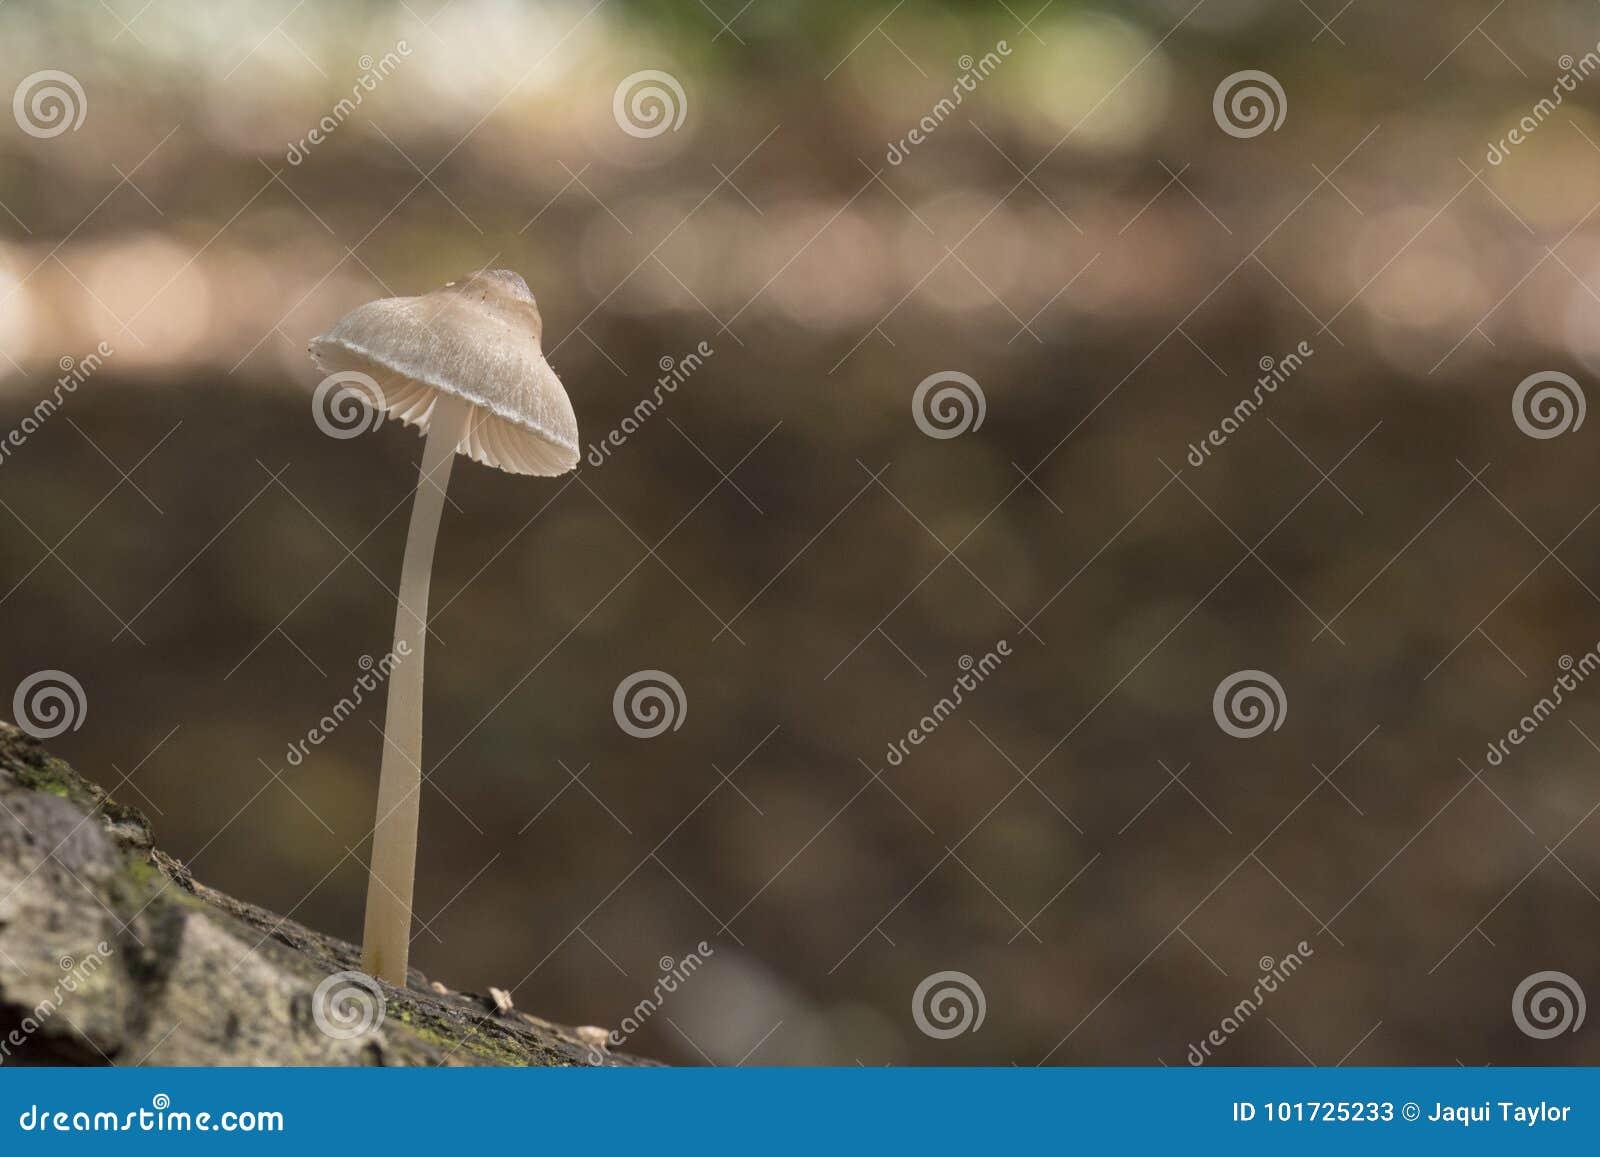 A tiny mushroom